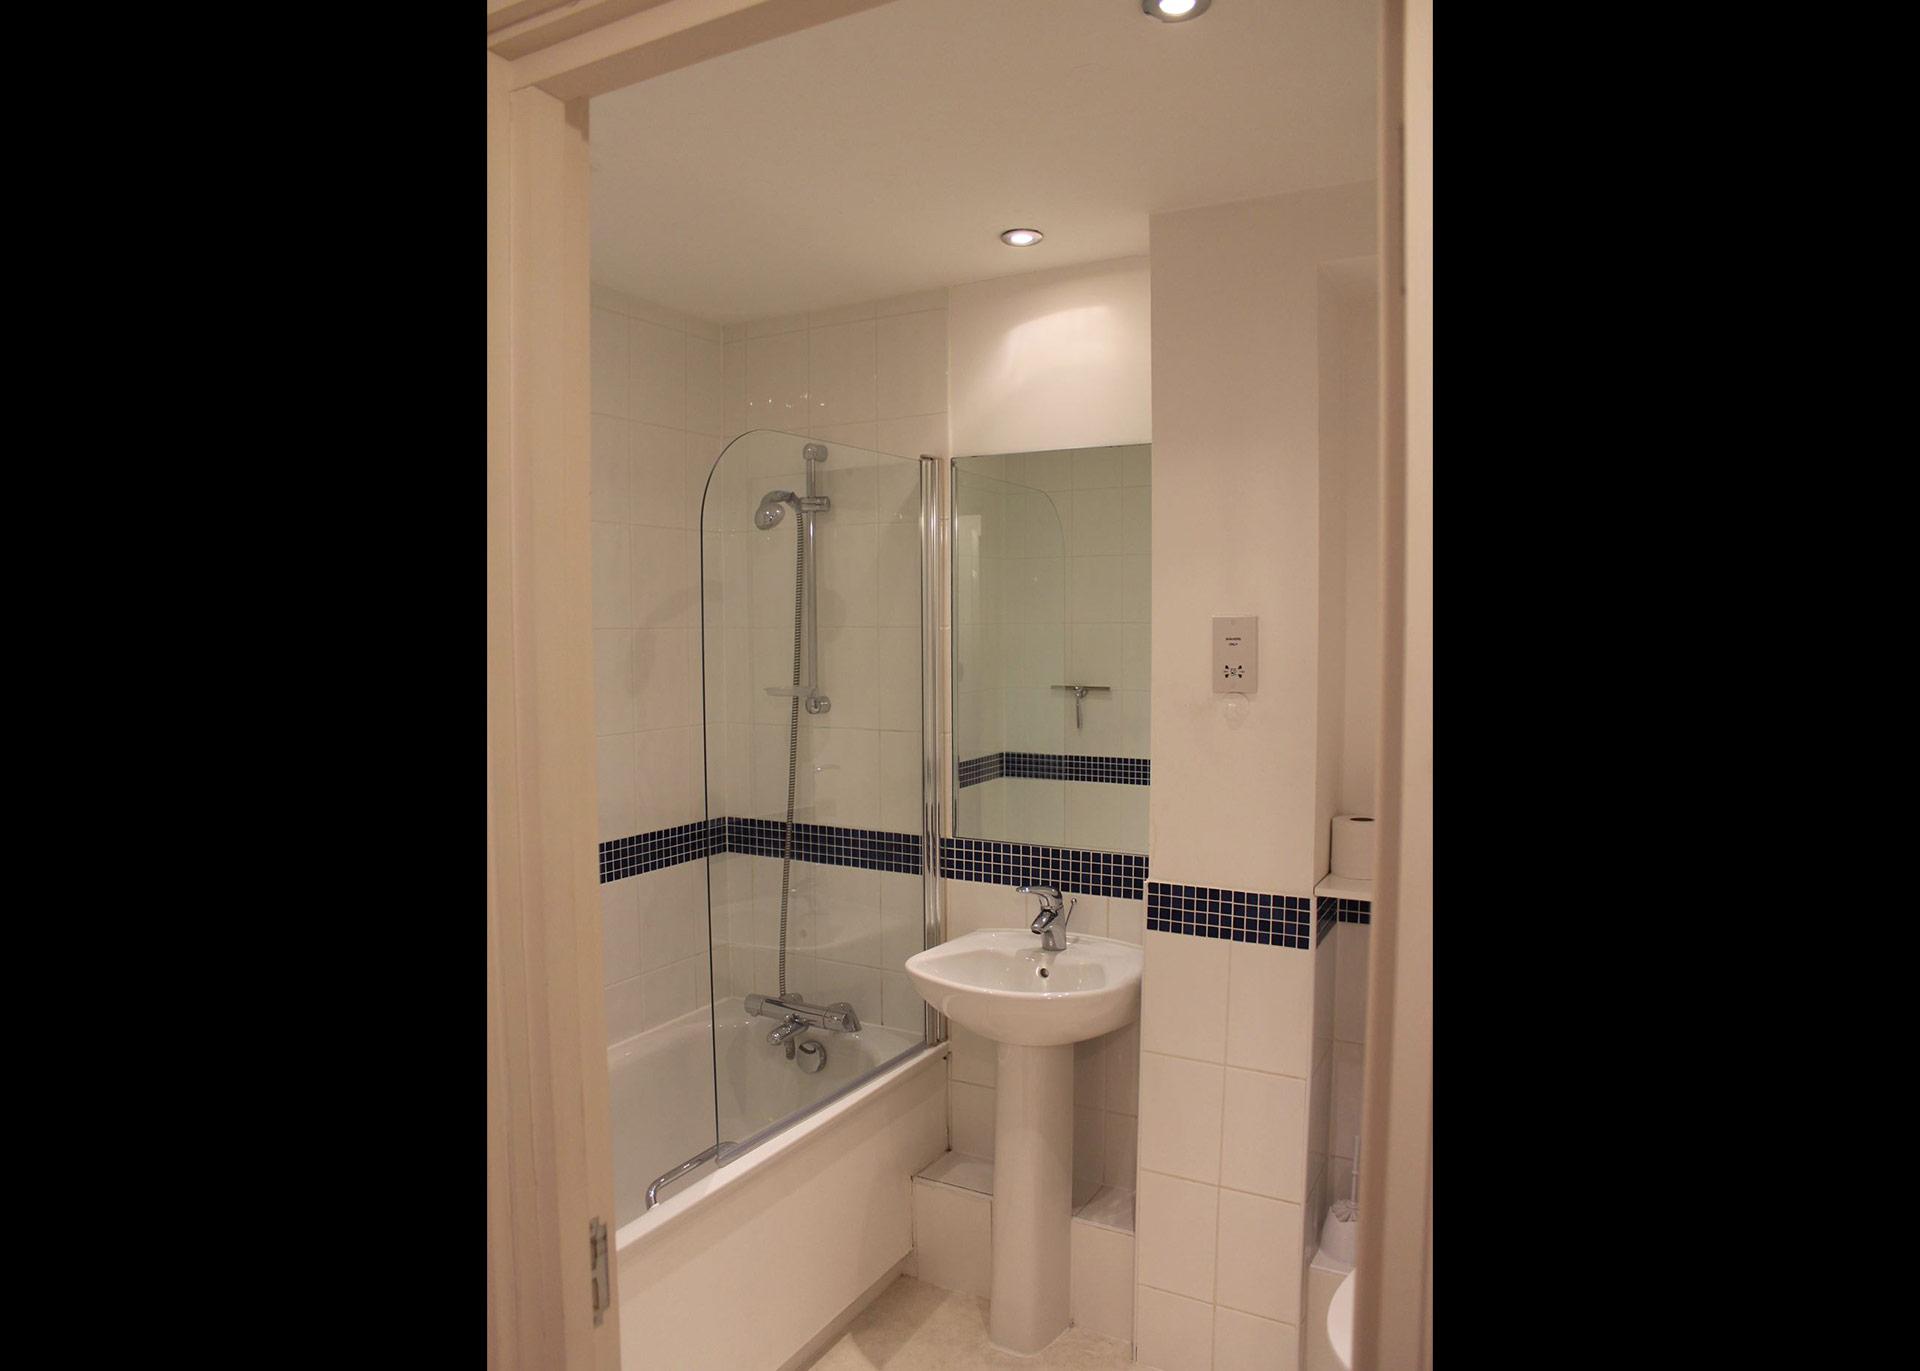 Bathroom at Century Buildings apartment